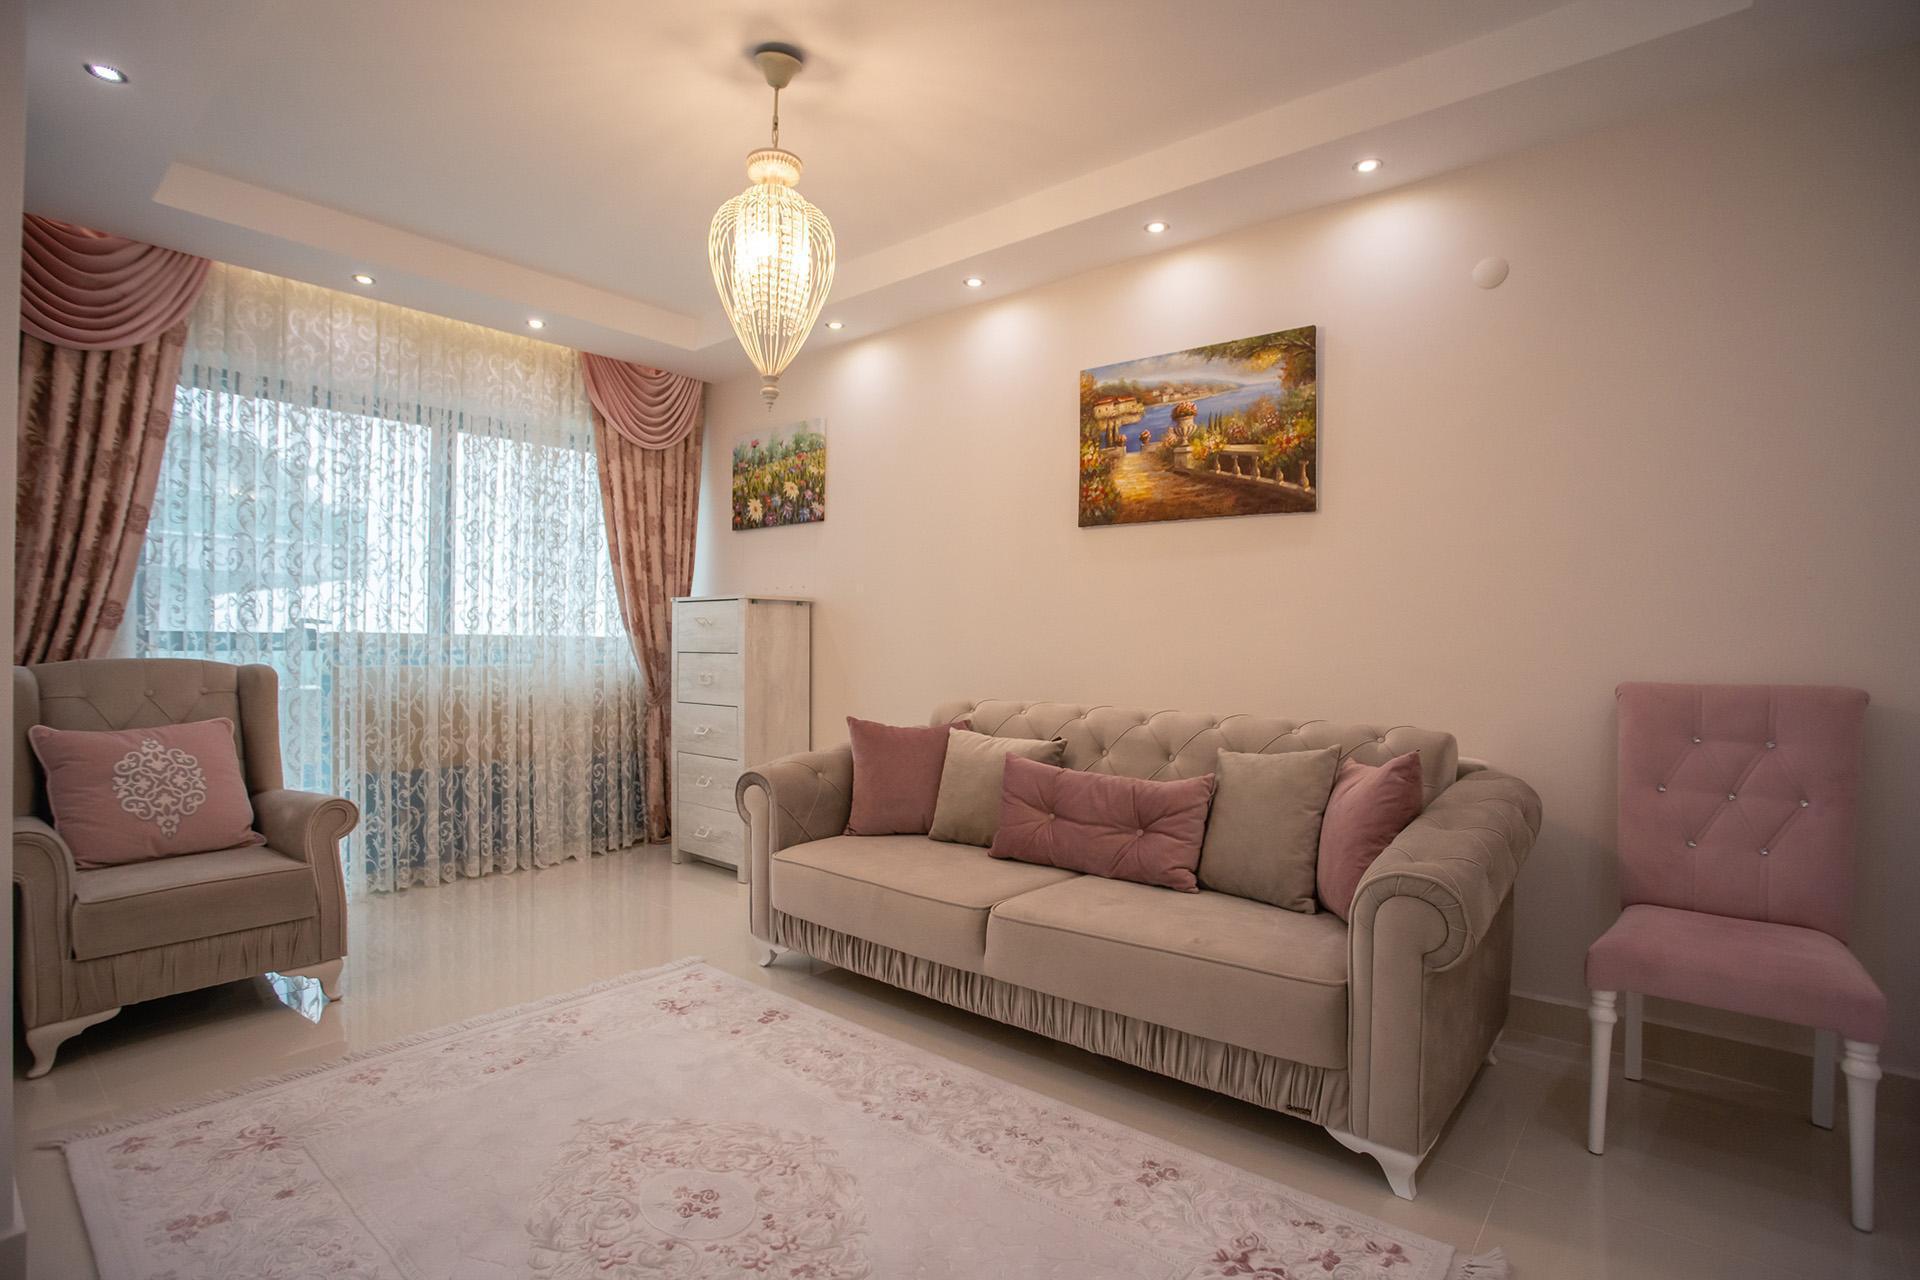 Konak Seaside Homes Luxury Penthaus 3+1